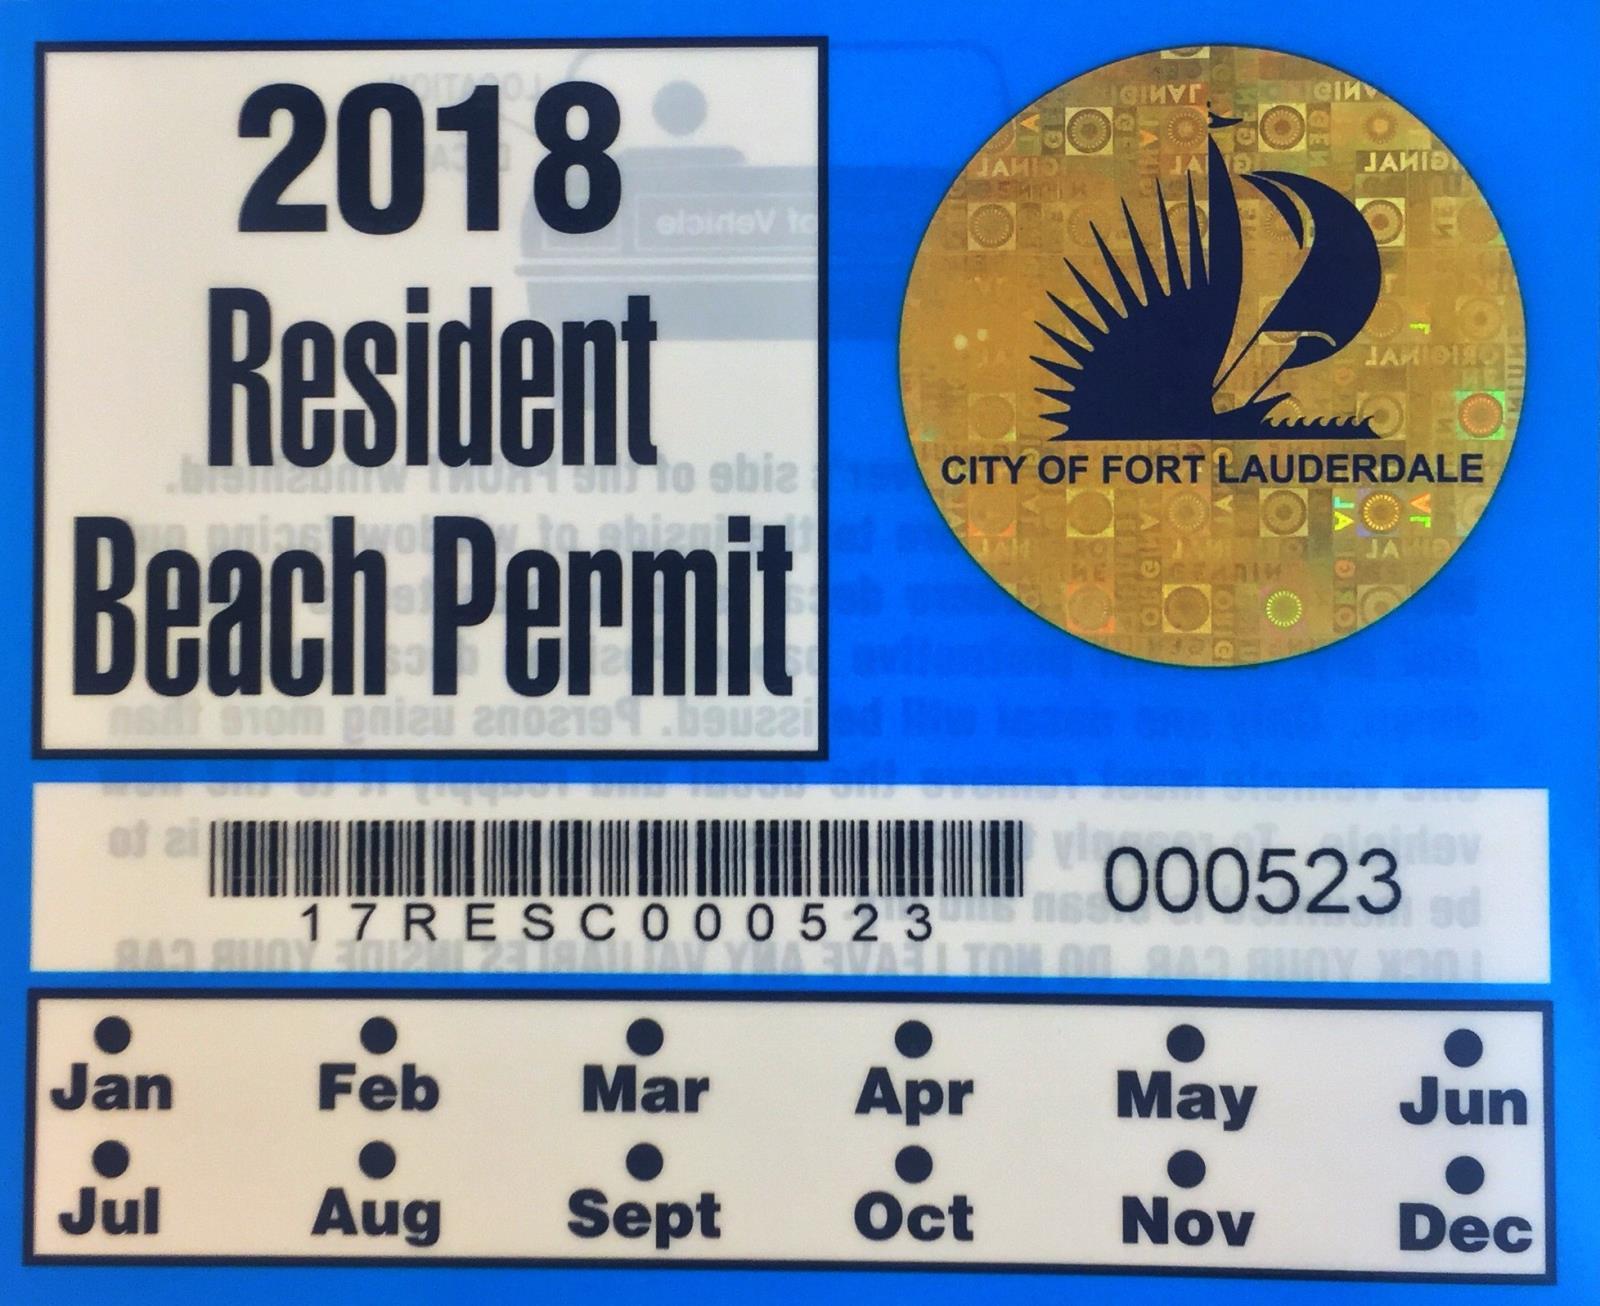 2018 Residential Beach Permit